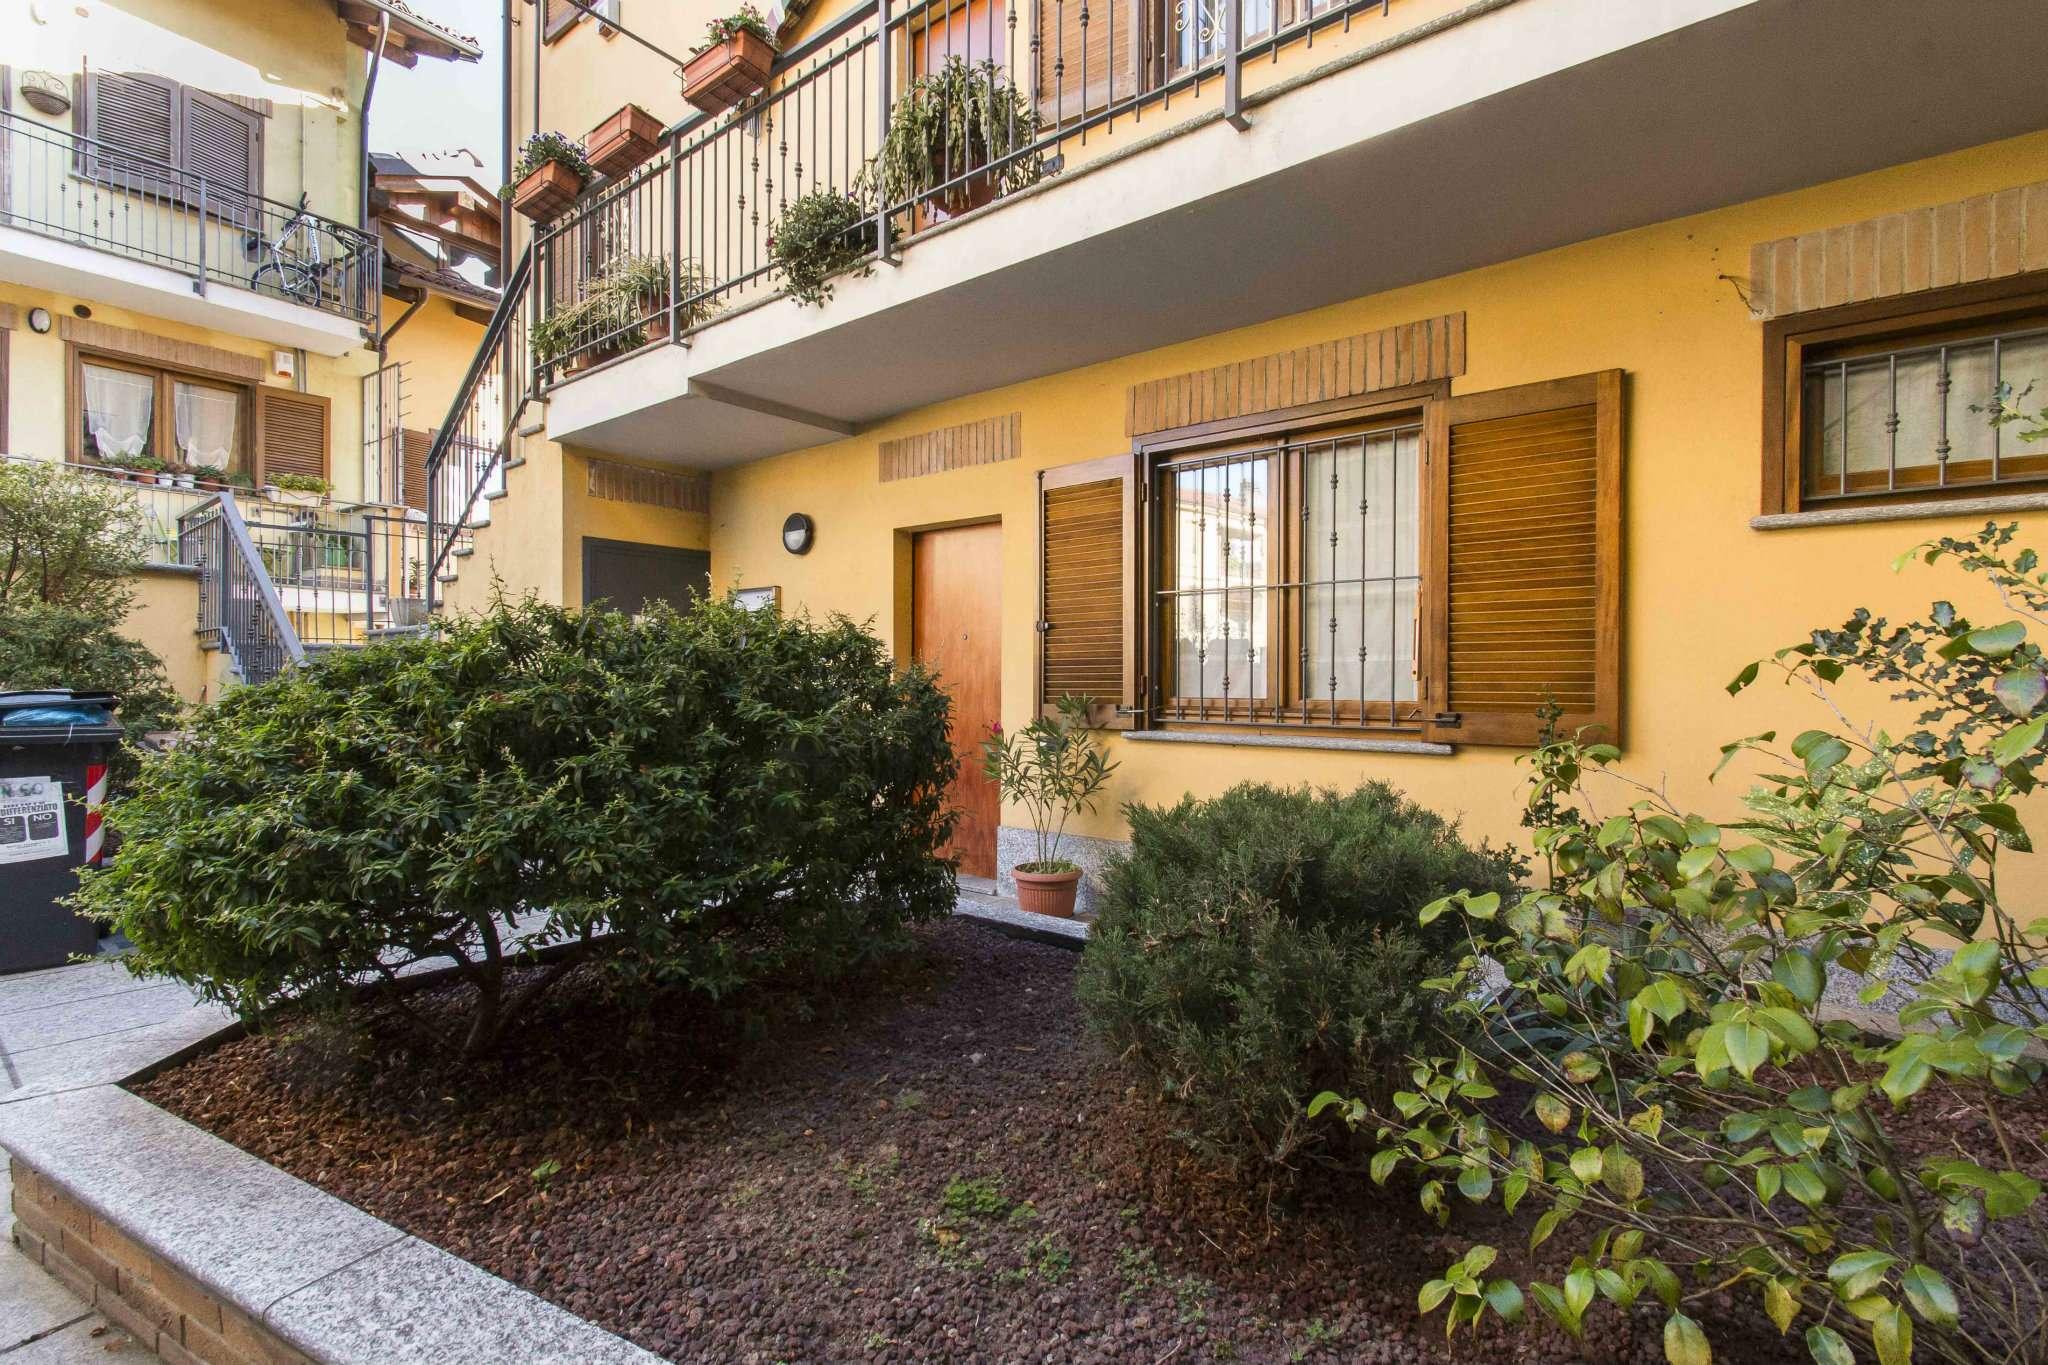 Immagine immobiliare giaveno - loc. sala - bilocale con giardino condominiale giaveno sala - stupendo bilocale con giardino condominialeun delizioso